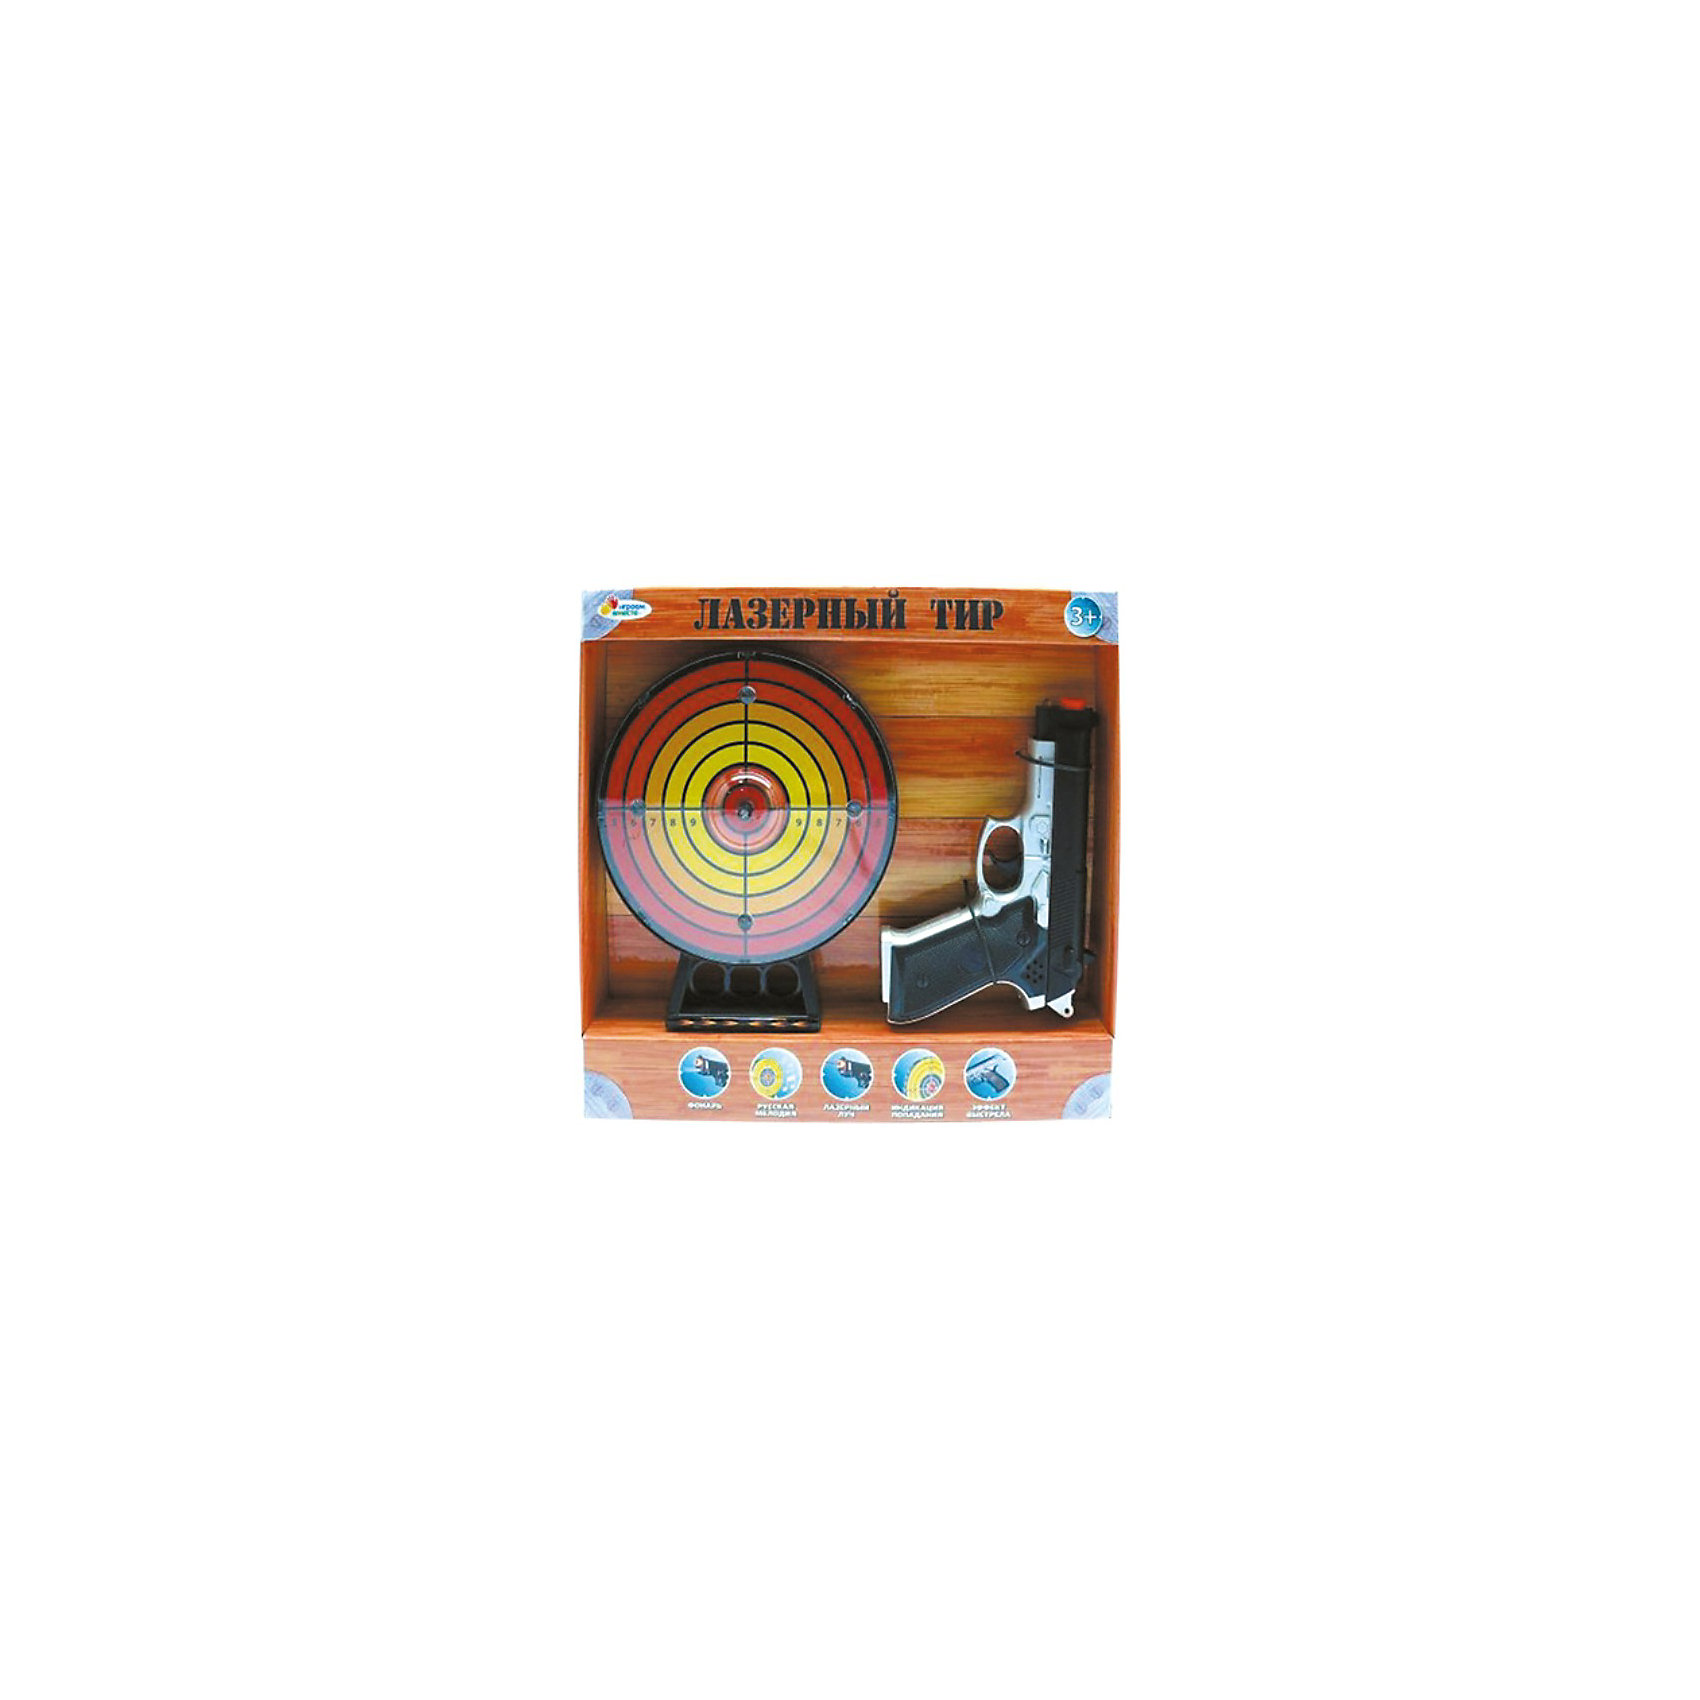 Игровой набор Лазерный тир, со светом и звуком, Играем вместеИгровые наборы<br>Игровой набор Лазерный тир, со светом и звуком, Играем вместе – это прекрасный игровой набор для мальчика.<br>Набор «Лазерный тир» – отличный подарок для любого мальчика, ведь благодаря нему ваш непоседа сможет развить невероятную меткость! При выстреле в яблочко мишень будет светиться, оповещая всех о том, какой меткий стрелок попал в цель. Игрушка сделана из качественного пластика и прослужит вам и вашему ребенку очень долго.<br><br>Дополнительная информация:<br><br>- В наборе: мишень, лазерный пистолет<br>- Батарейки: 6 x AA (в комплект не входят)<br>- Диаметр мишени: 18 см.<br>- Размер упаковки: 32х32х5 см.<br><br>Игровой набор Лазерный тир, со светом и звуком, Играем вместе купить в нашем интернет-магазине.<br><br>Ширина мм: 320<br>Глубина мм: 310<br>Высота мм: 50<br>Вес г: 540<br>Возраст от месяцев: 36<br>Возраст до месяцев: 60<br>Пол: Мужской<br>Возраст: Детский<br>SKU: 3804893